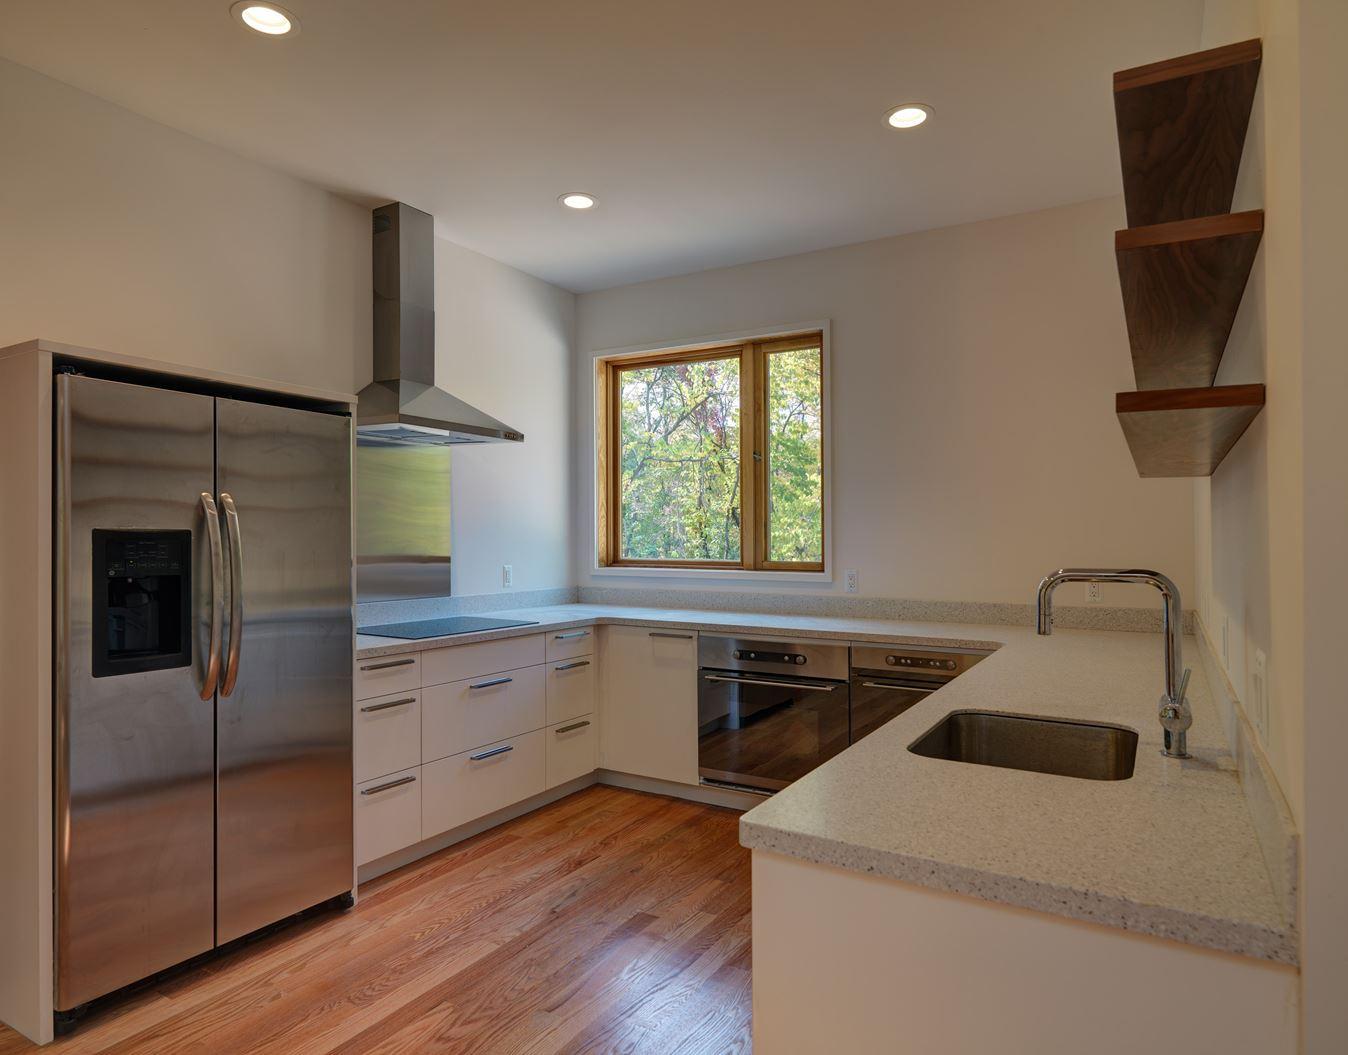 Un loft ad alta efficienza energetica for Finestra in cucina